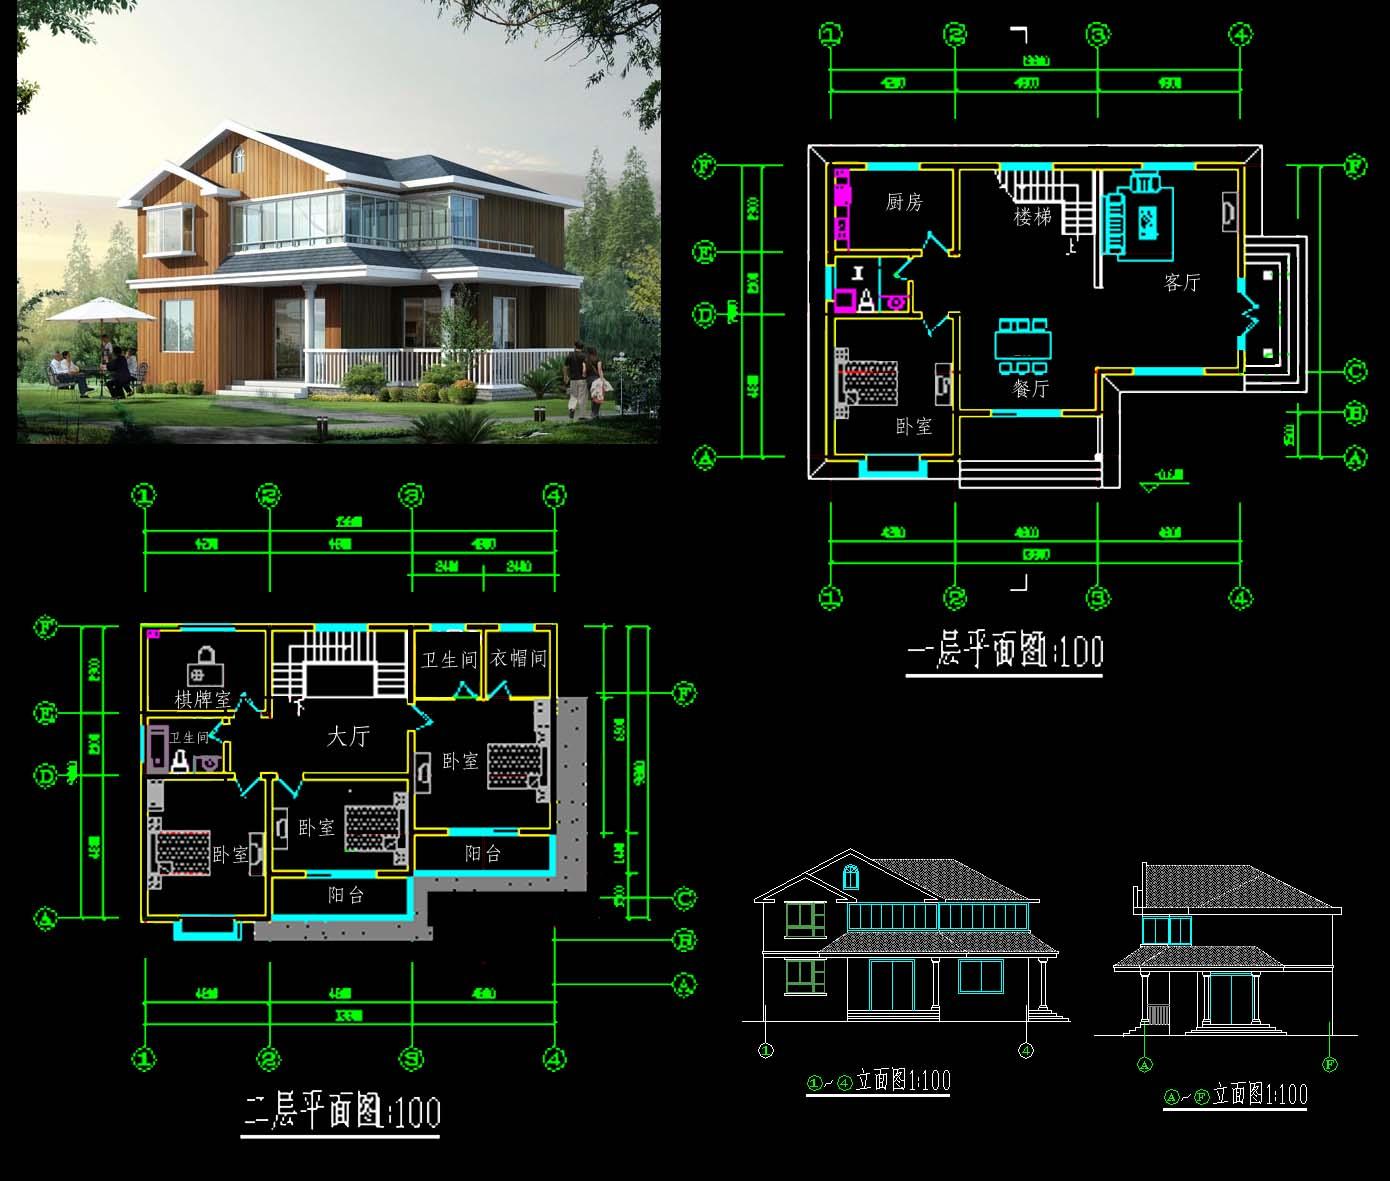 10米x16米房屋设计图,南北长16米,东西宽10米电梯在东南角.图片